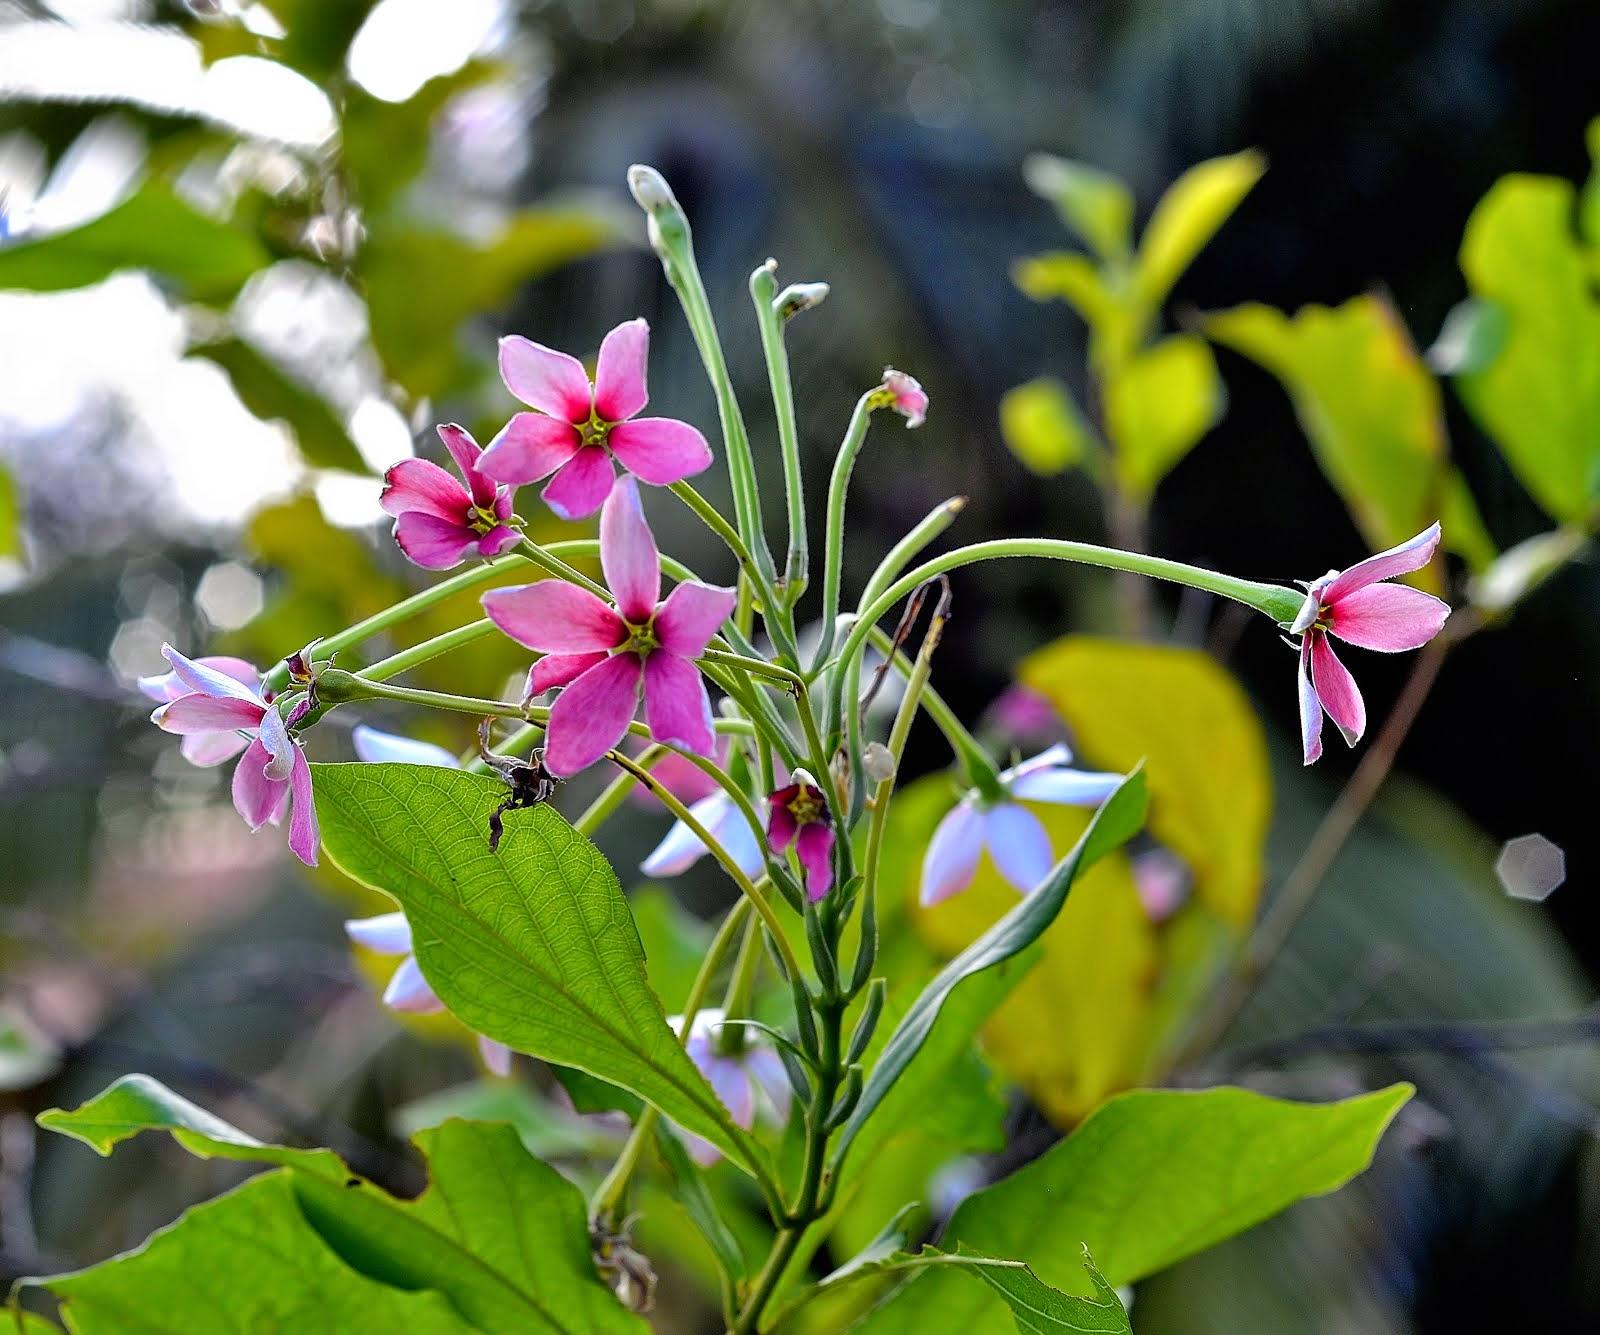 De somptueux ouvrages se lisent sur les pétales des fleurs sauvages, à jamais gravés dans l'infime.